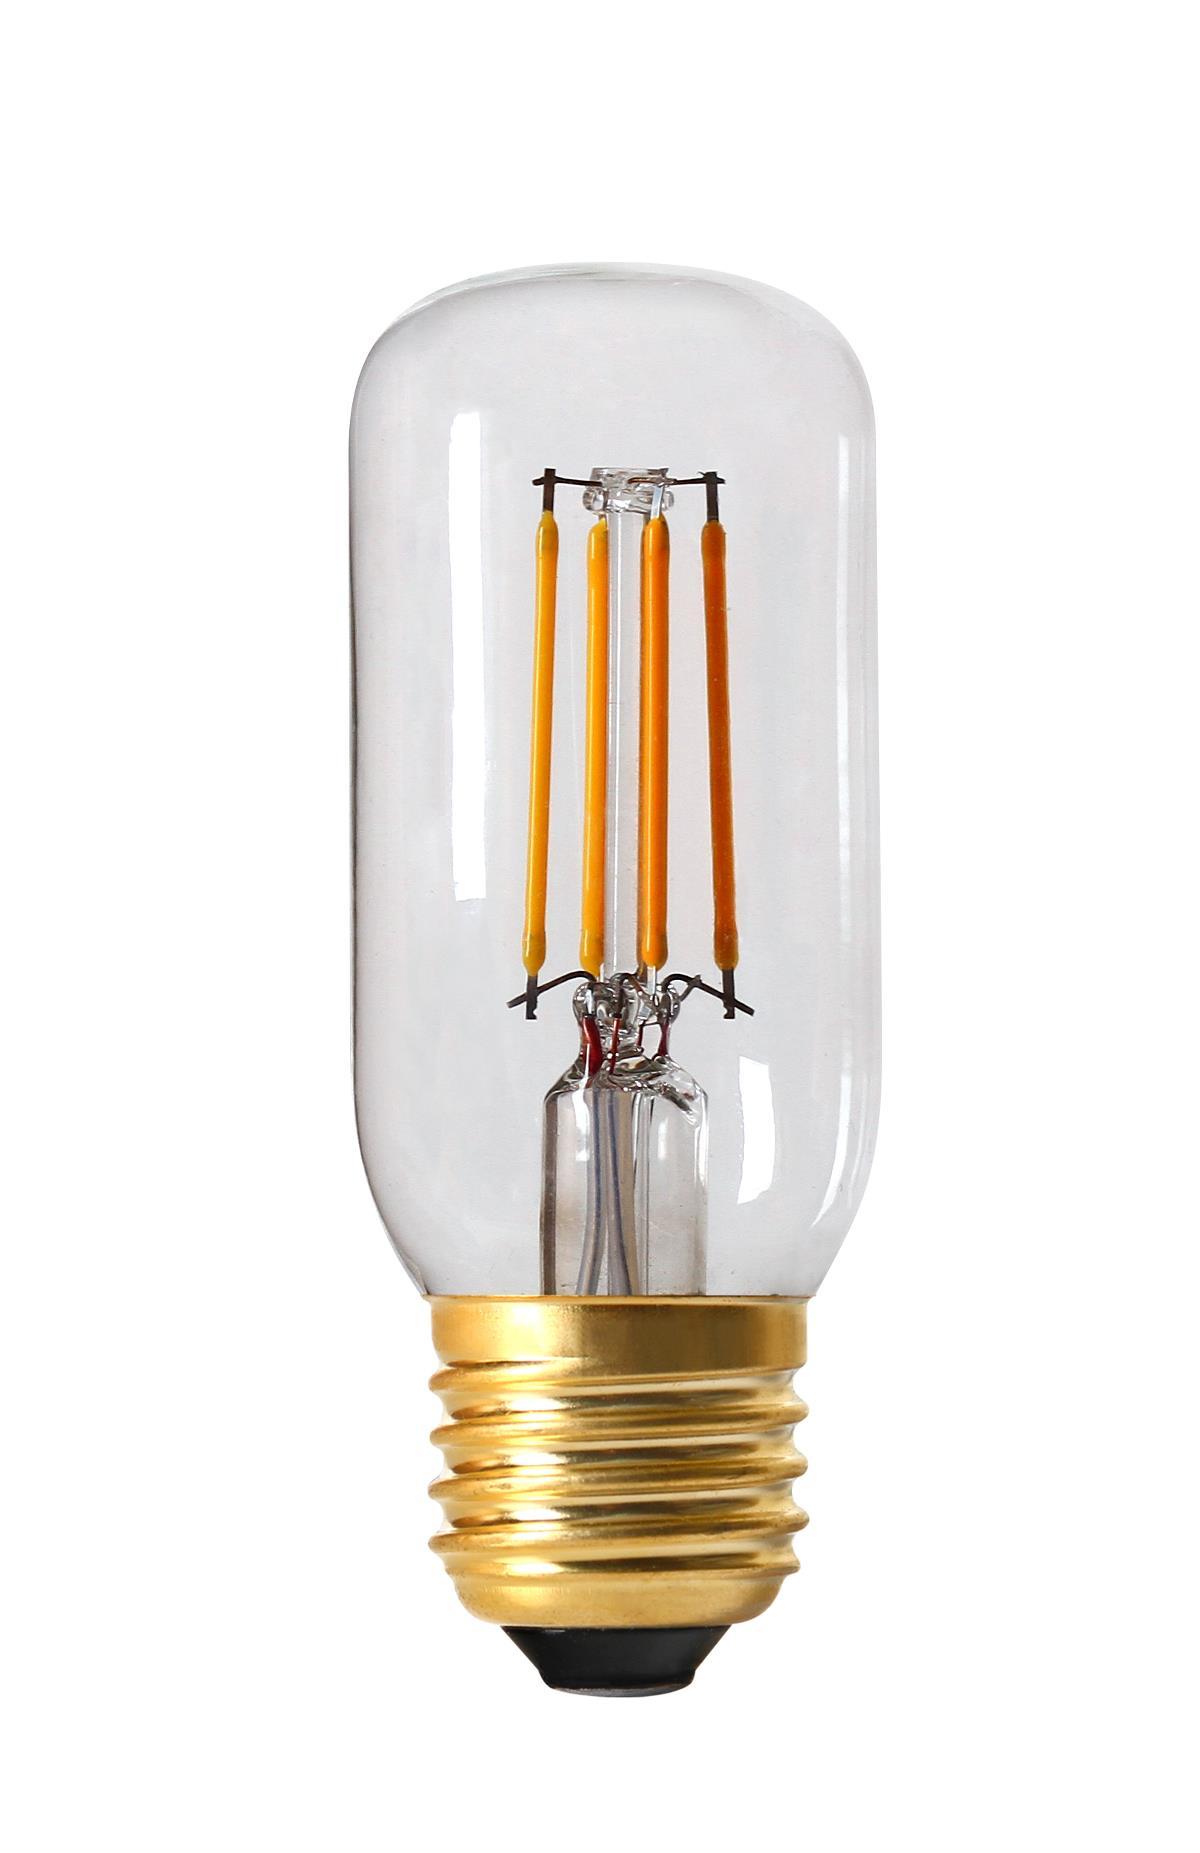 danlamp – E27 - 4w led eksteriør rør fra luxlight.dk